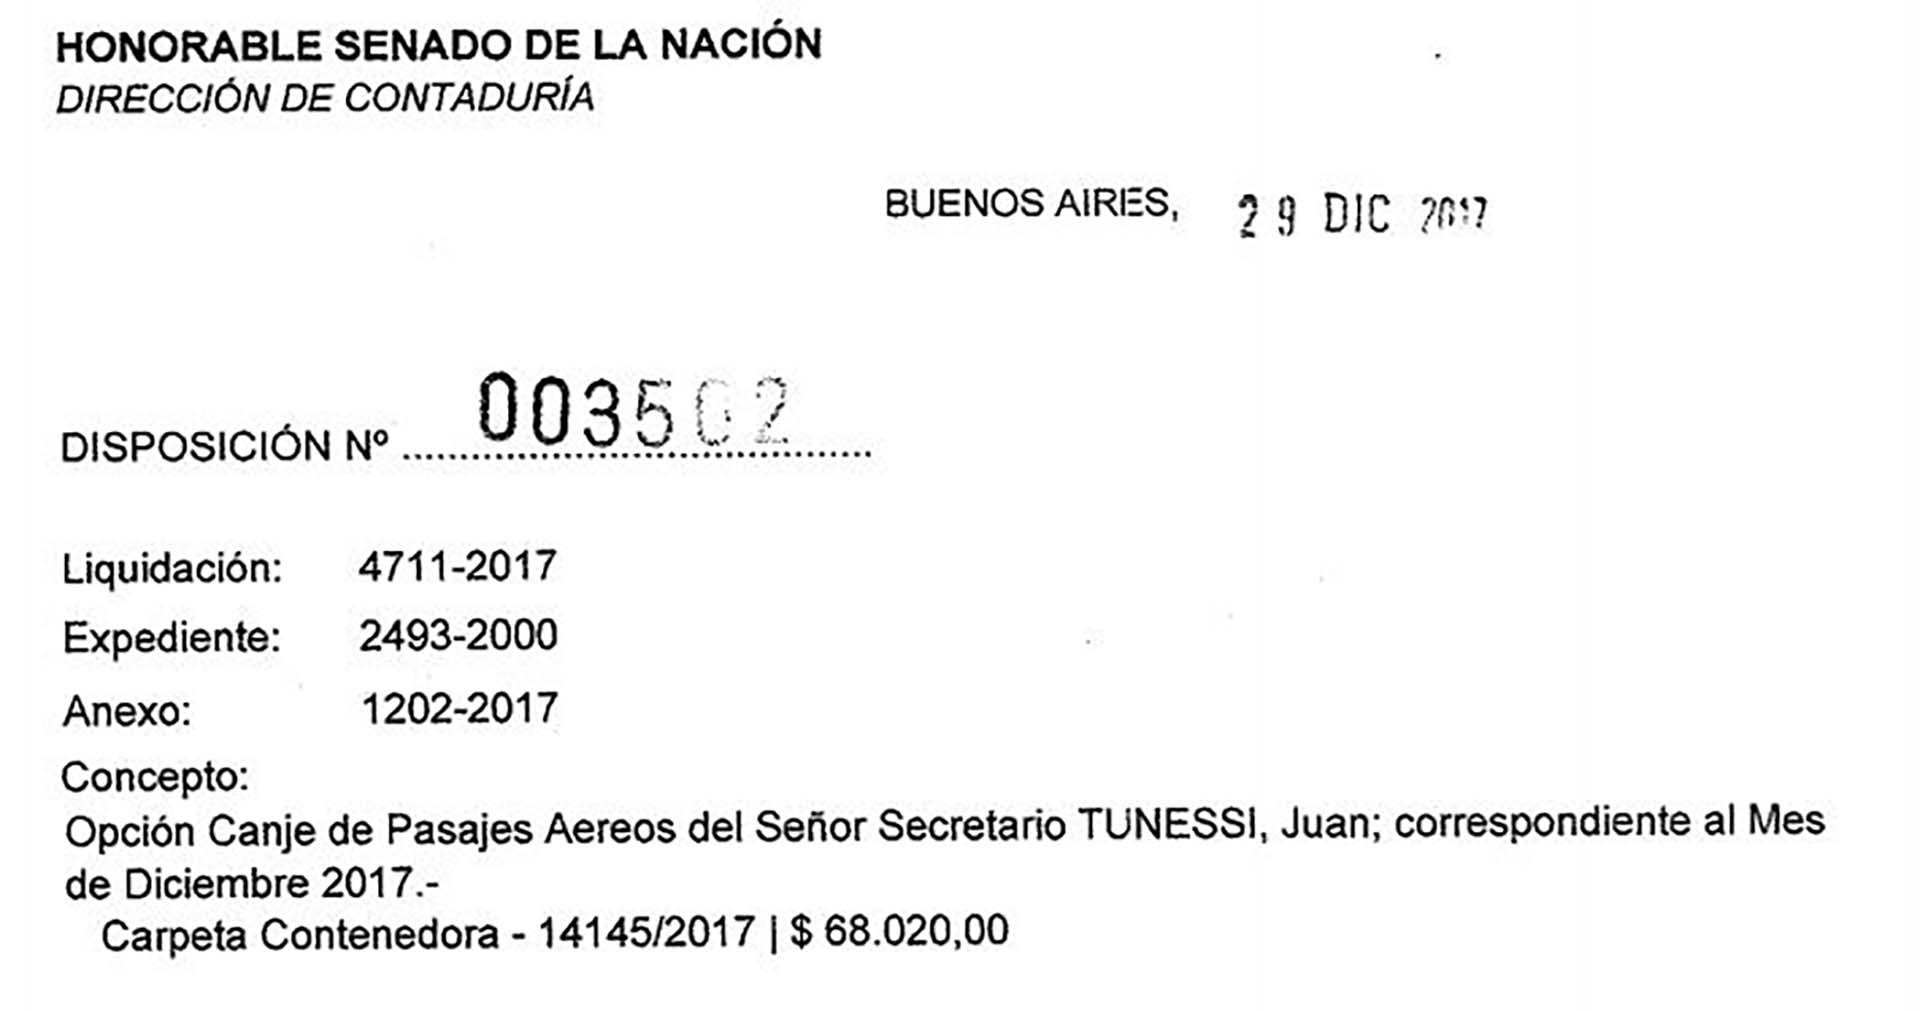 El 28 de diciembre, el secretario Juan Tunessi canjeó pasajes por $68.020